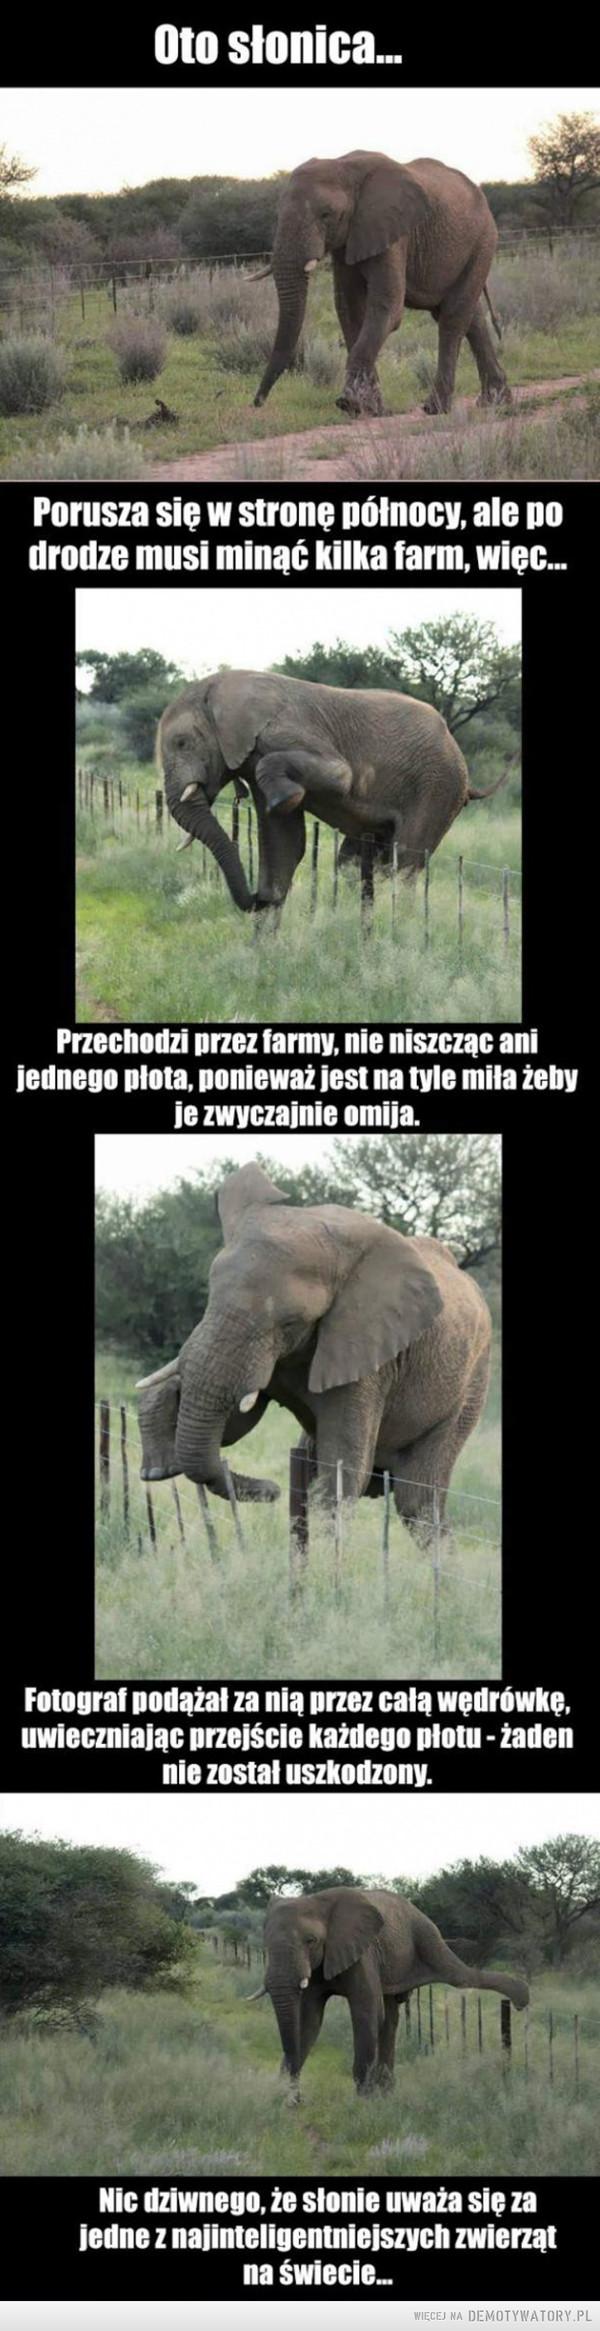 Niektóre zwierzęta mają więcej rozumu niż człowiek... –  Oto słonicaPorusza się w stronę północy, ale po drodze musi minąć kilka farm, więc... Przechodzi przez farmy, nie niszcząc ani jednego plota, ponieważ jest na tyle miła żeby je zwyczajnie omija. Fotograf podążał za nią przez cale wędrówkę, uwieczniając przejście każdego płotu - żaden nie został uszkodzony. Nic dziwnego, że słonie uważa się za jedne z najinteligentniejszych zwierząt na świecie... Niektóre zwierzęta mają więcej rozumu niż człowiek...